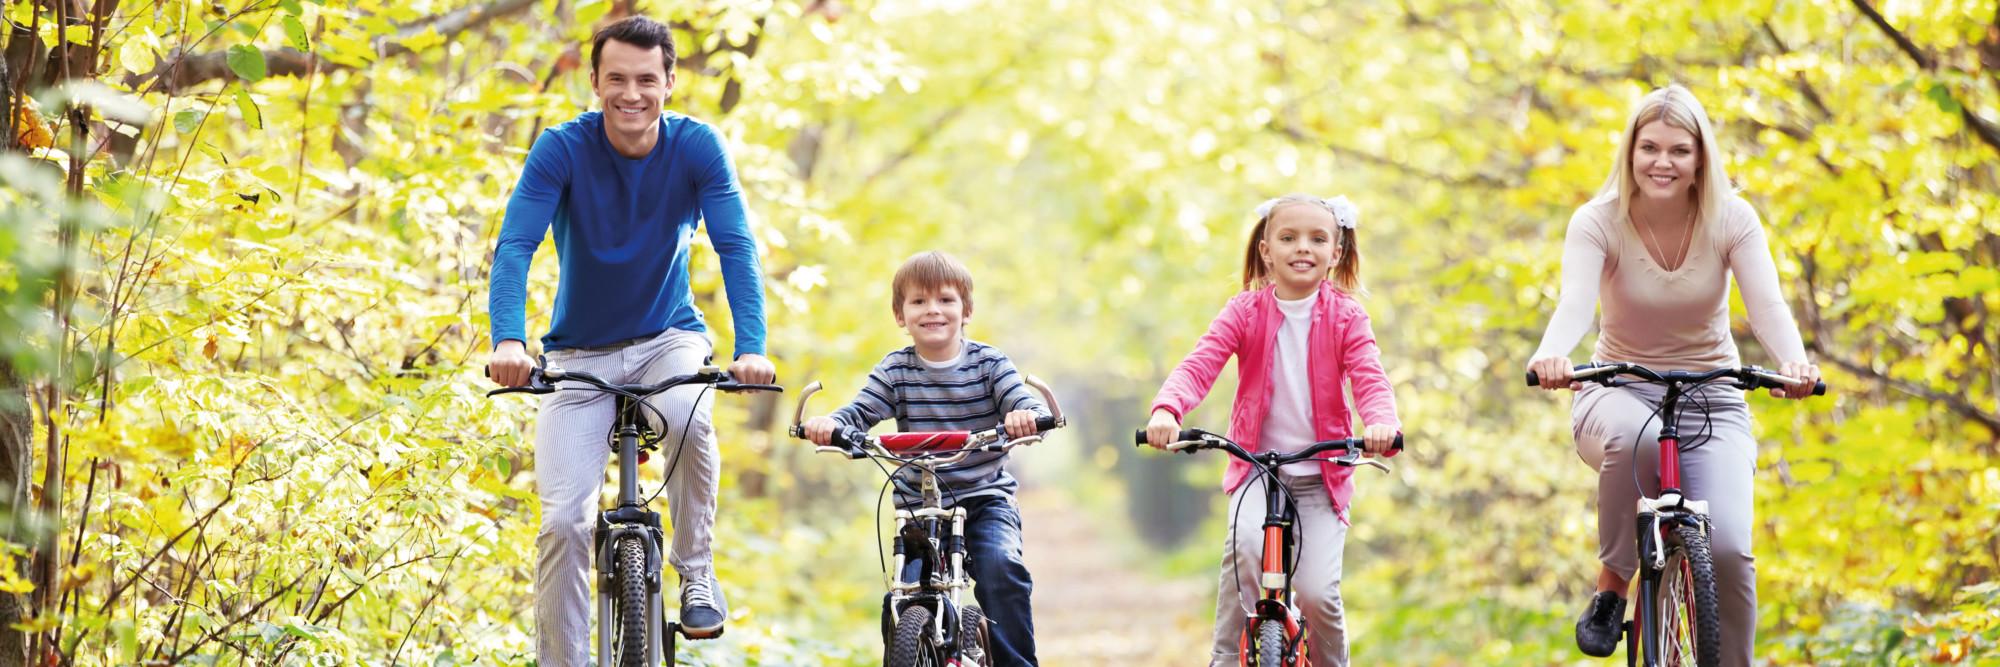 Eine glückliche junge Familie mit zwei Kindern fährt Fahrrad durch den Wald.